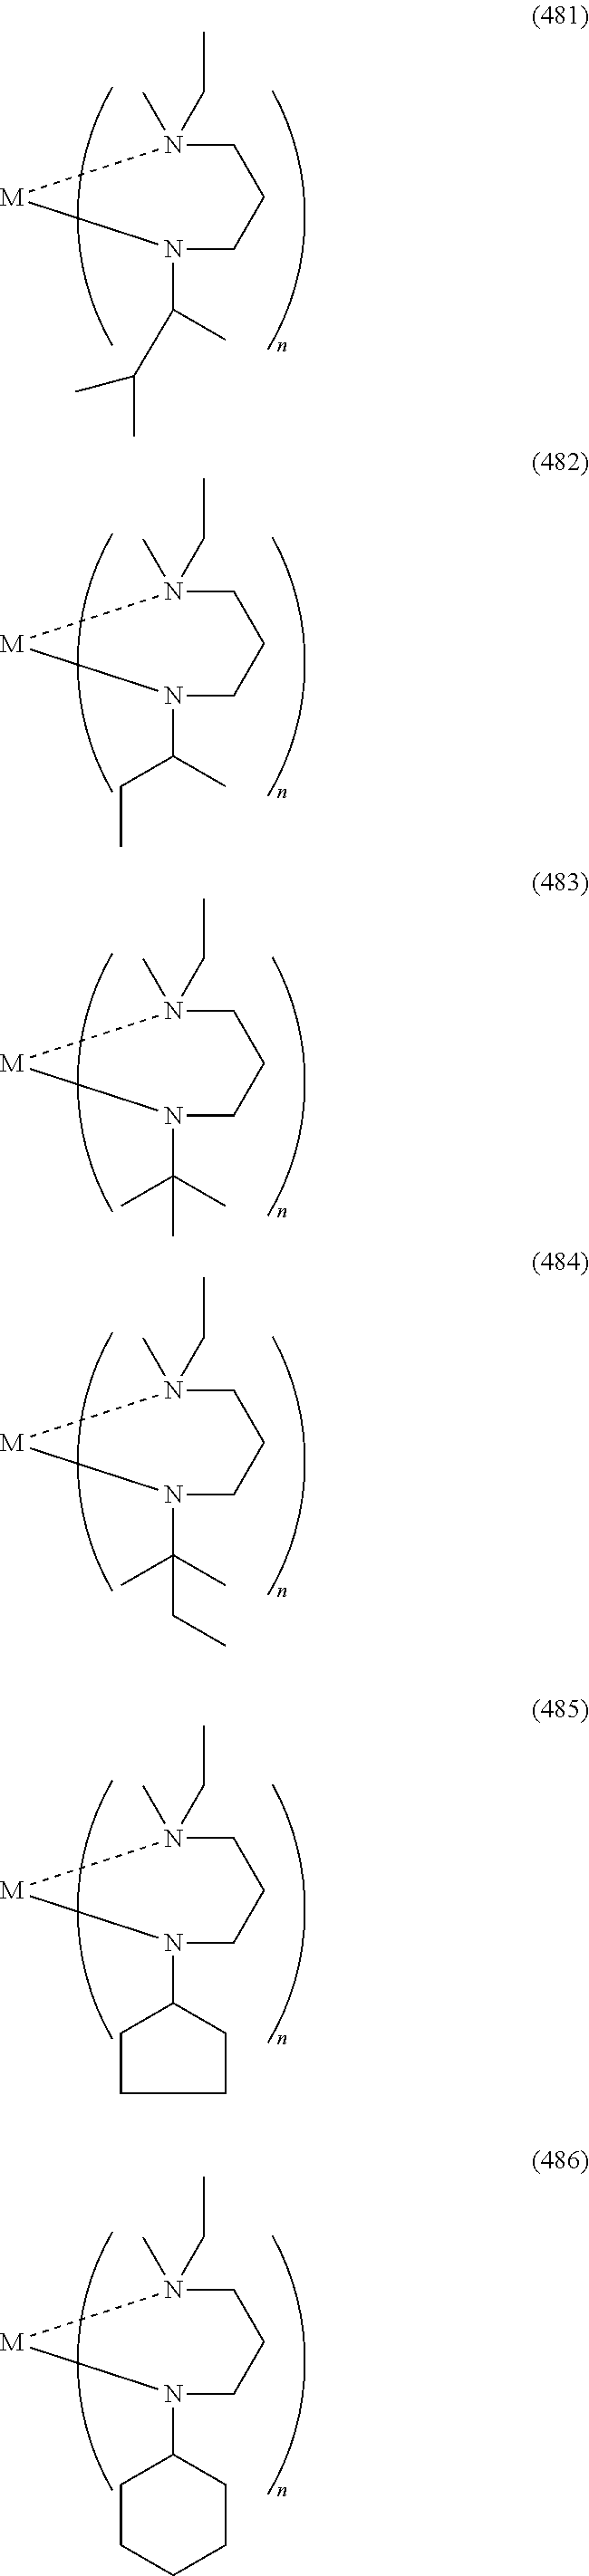 Figure US08871304-20141028-C00089